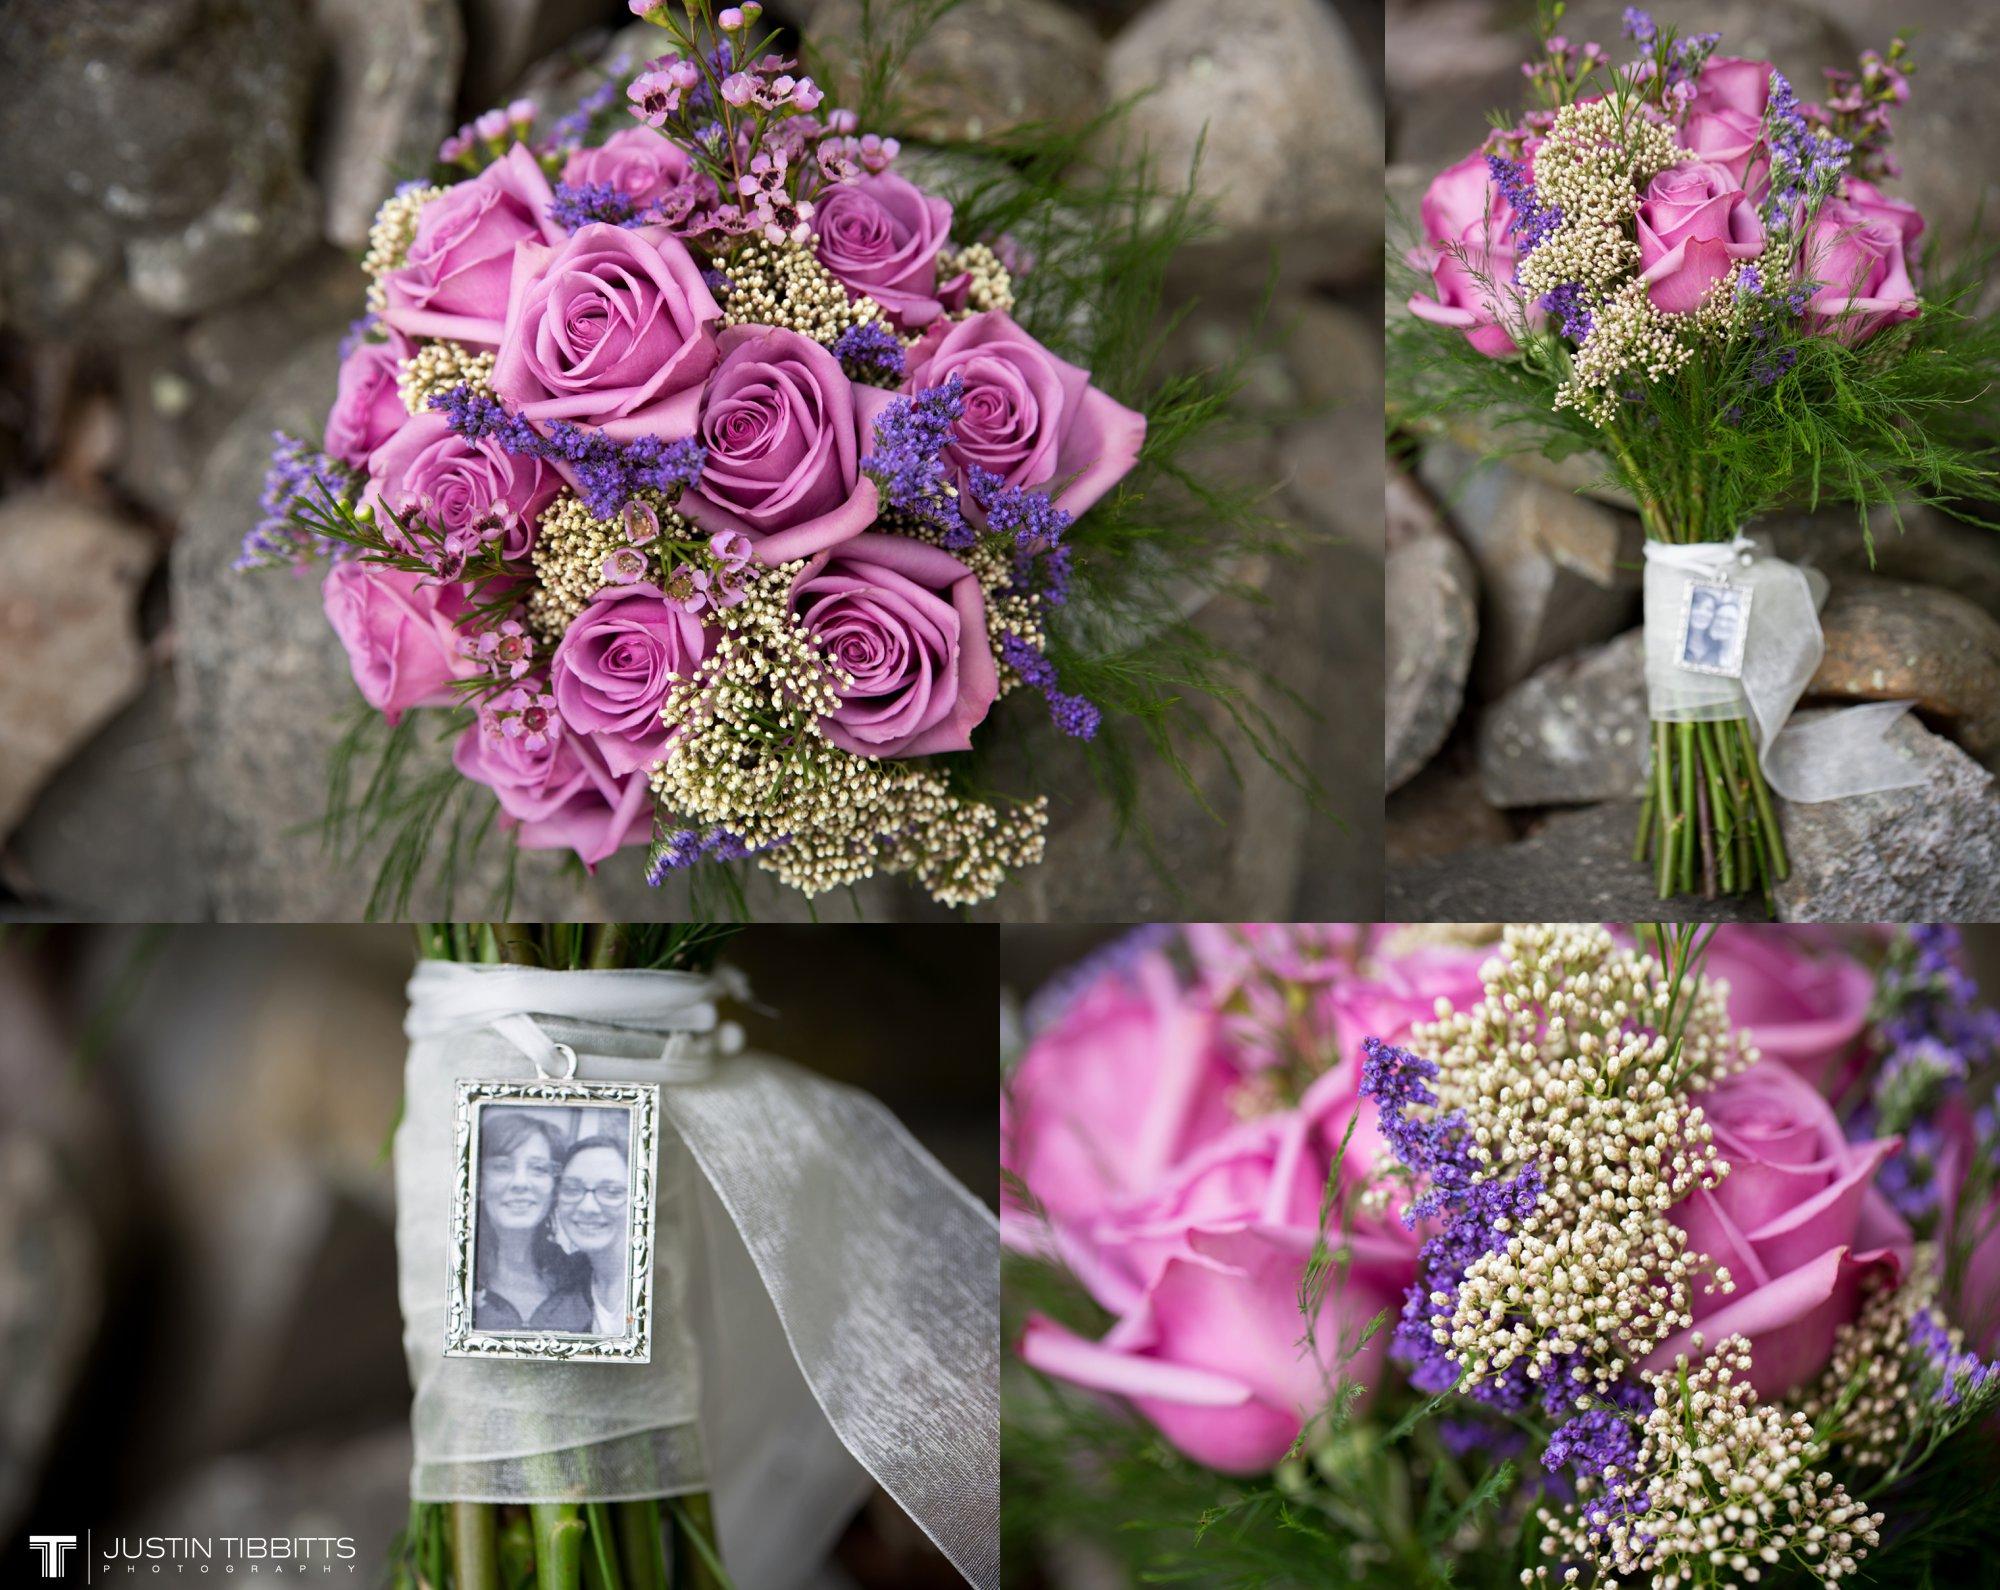 Justin Tibbitts Photography Rob and Brittany's Averill Park, NY Wedding_0349